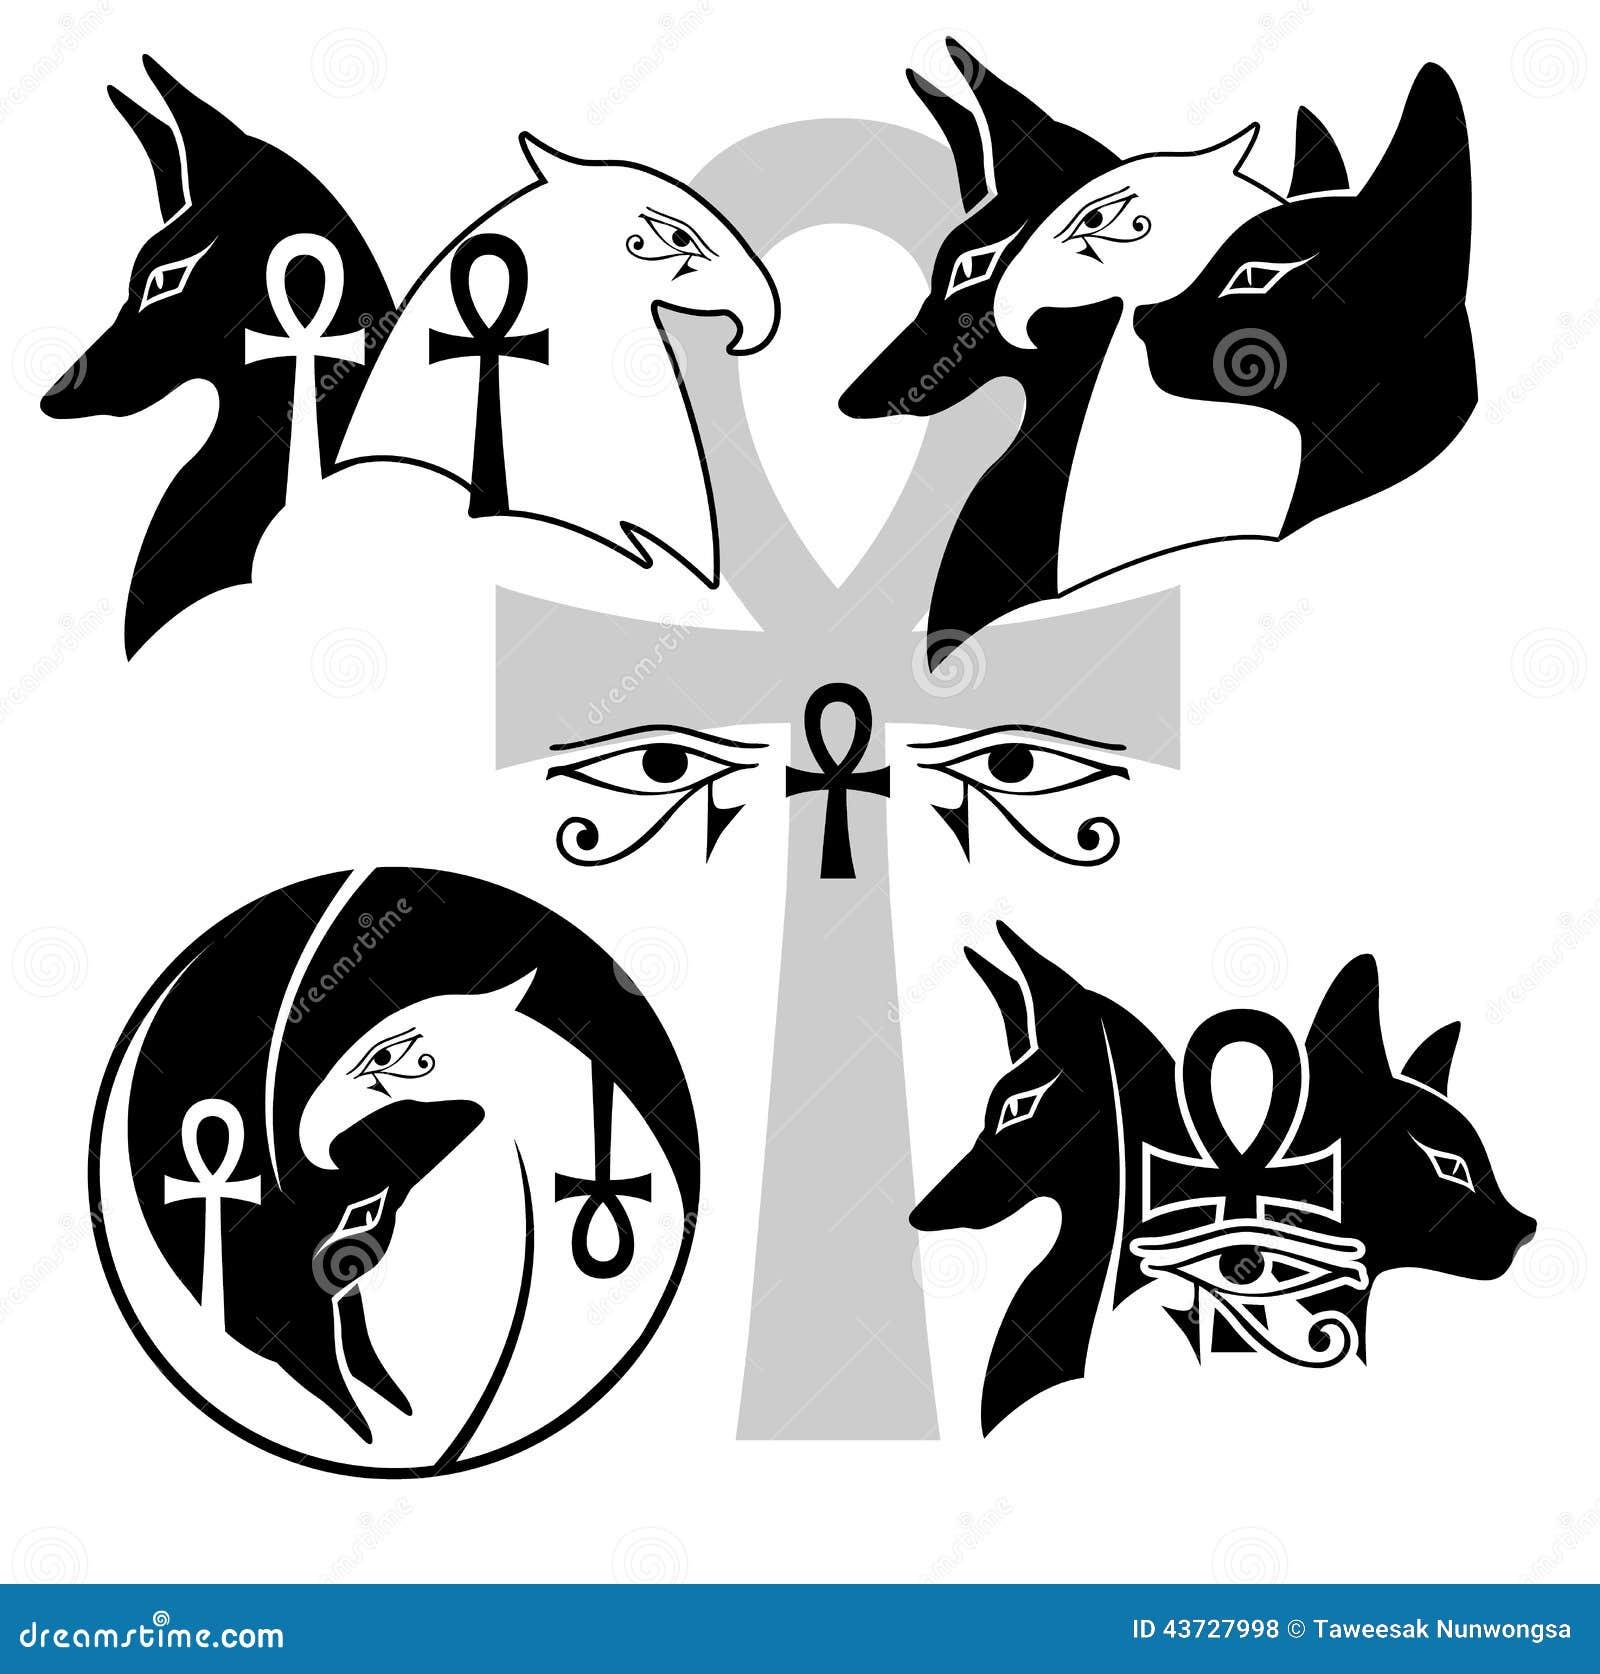 egypt symbols eye